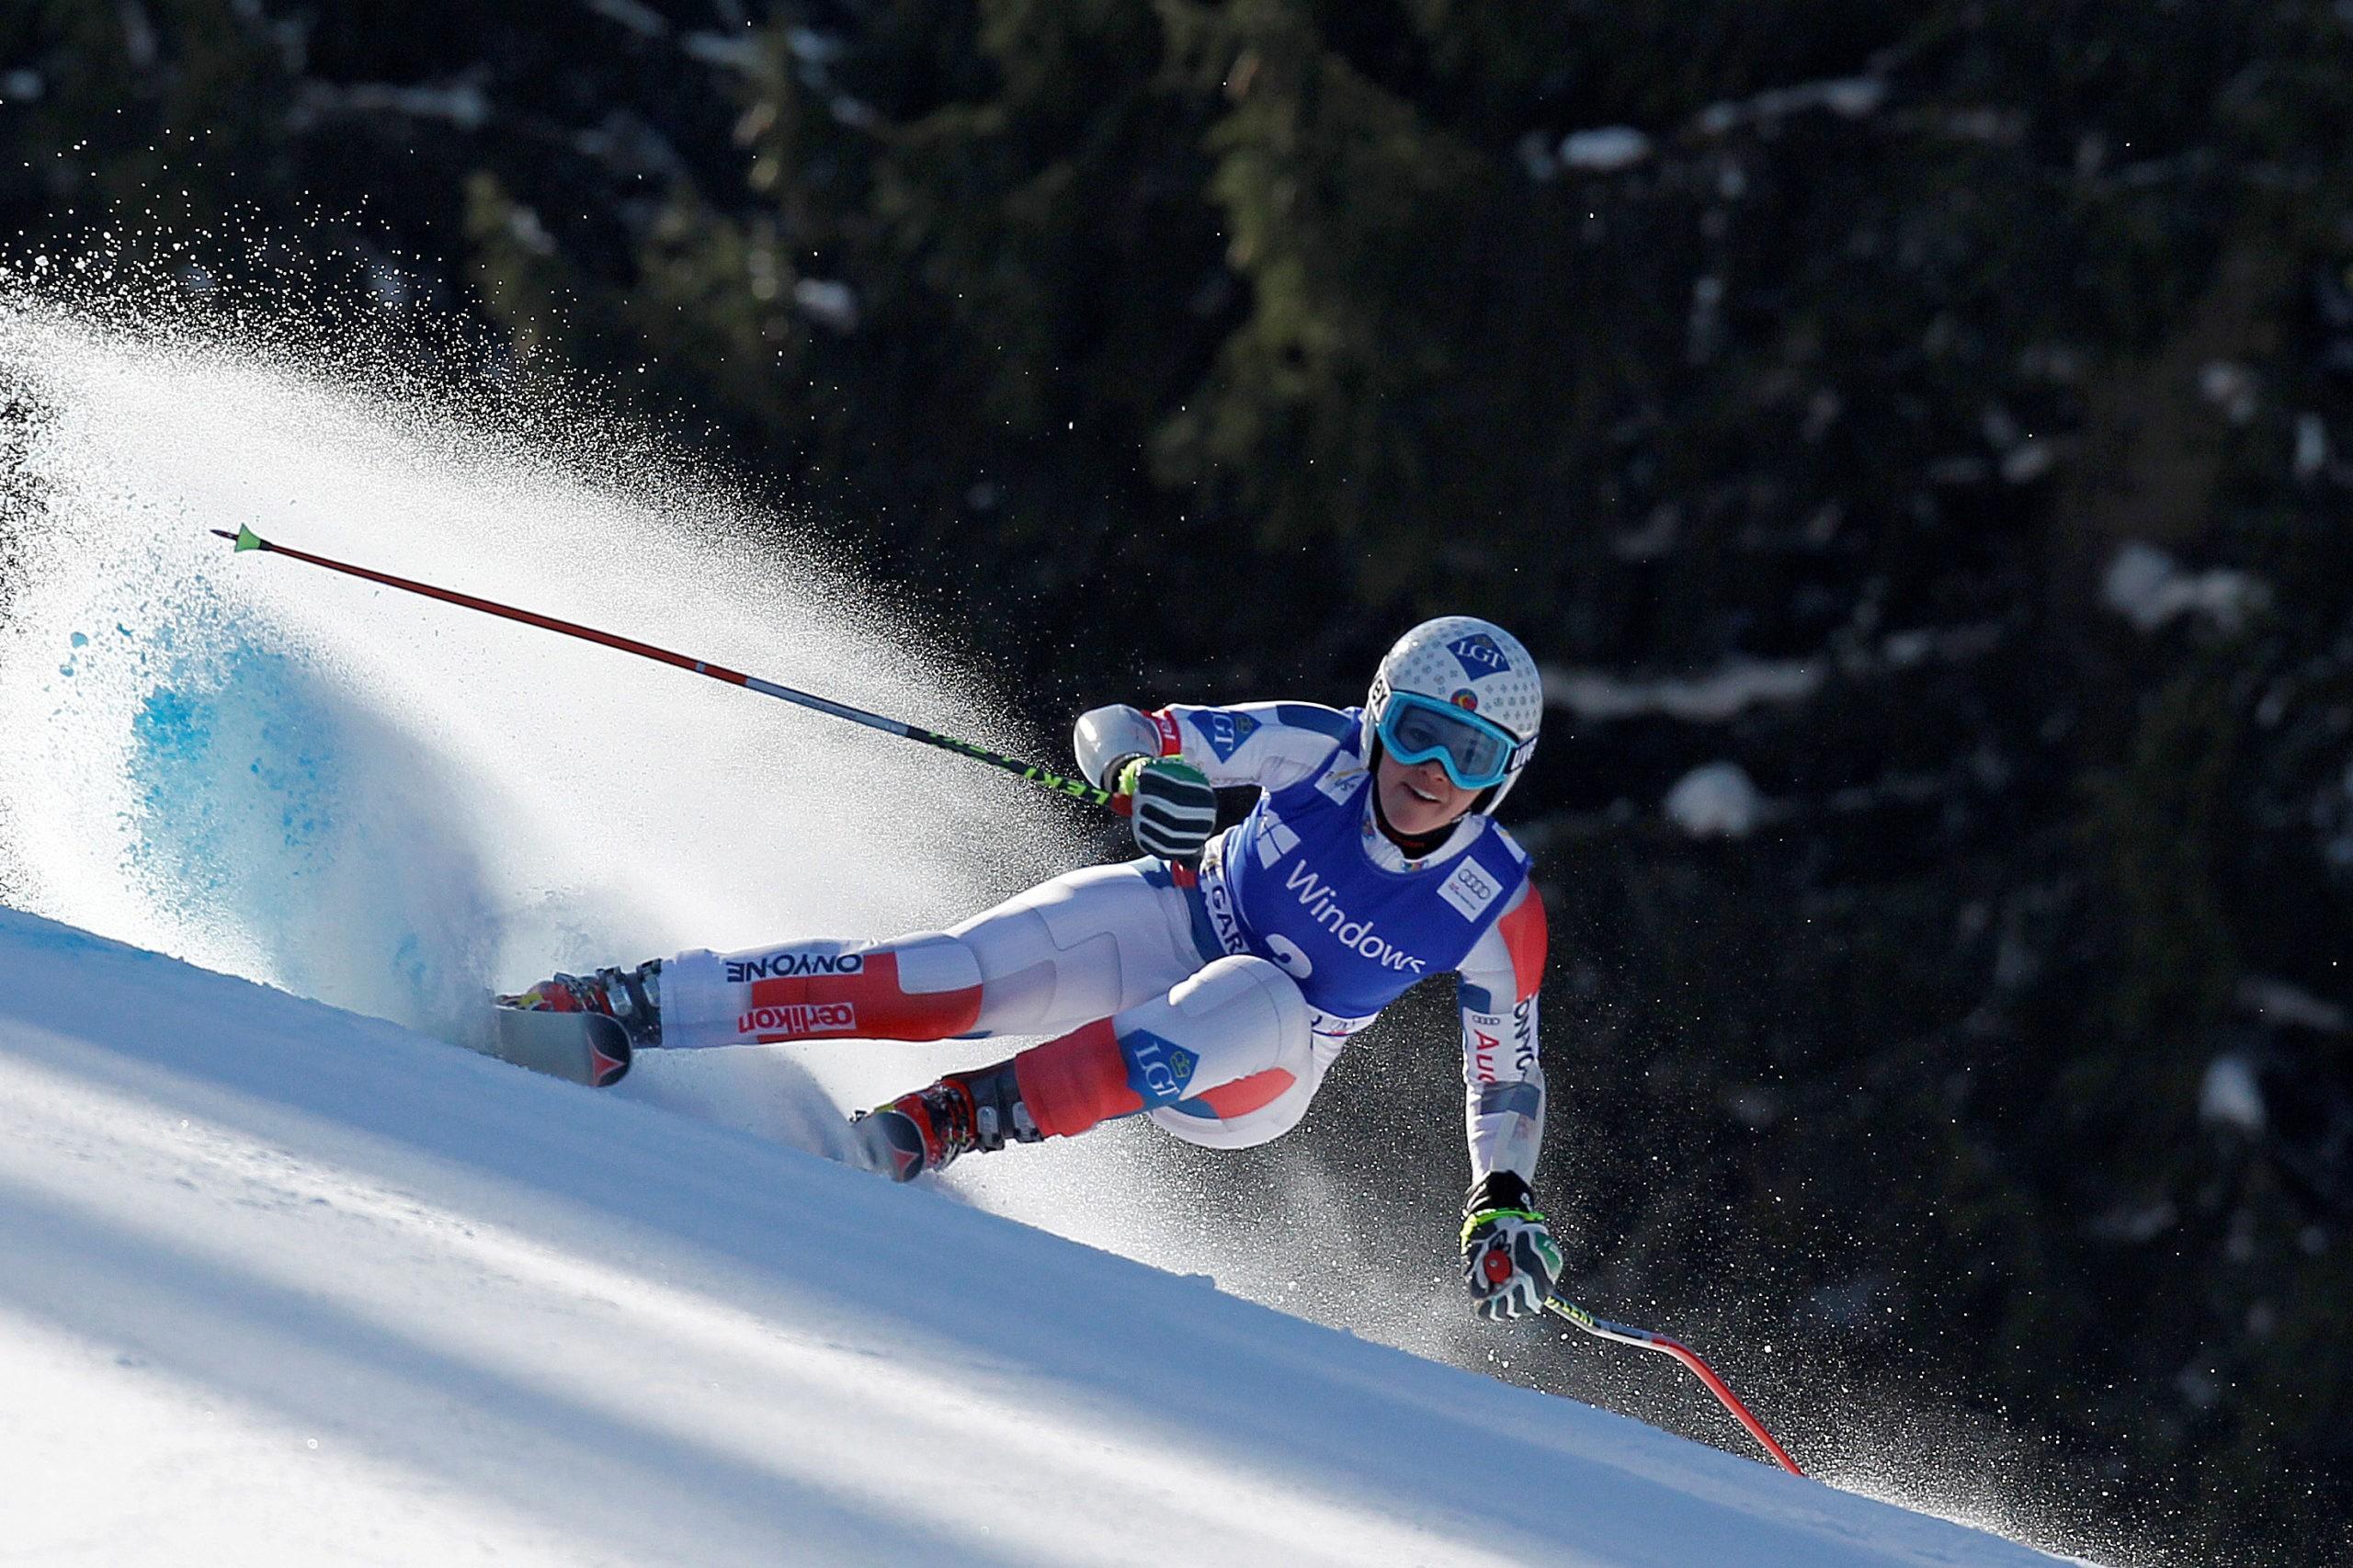 Таблица результатов этапов Кубка мира по горным лыжам 2019